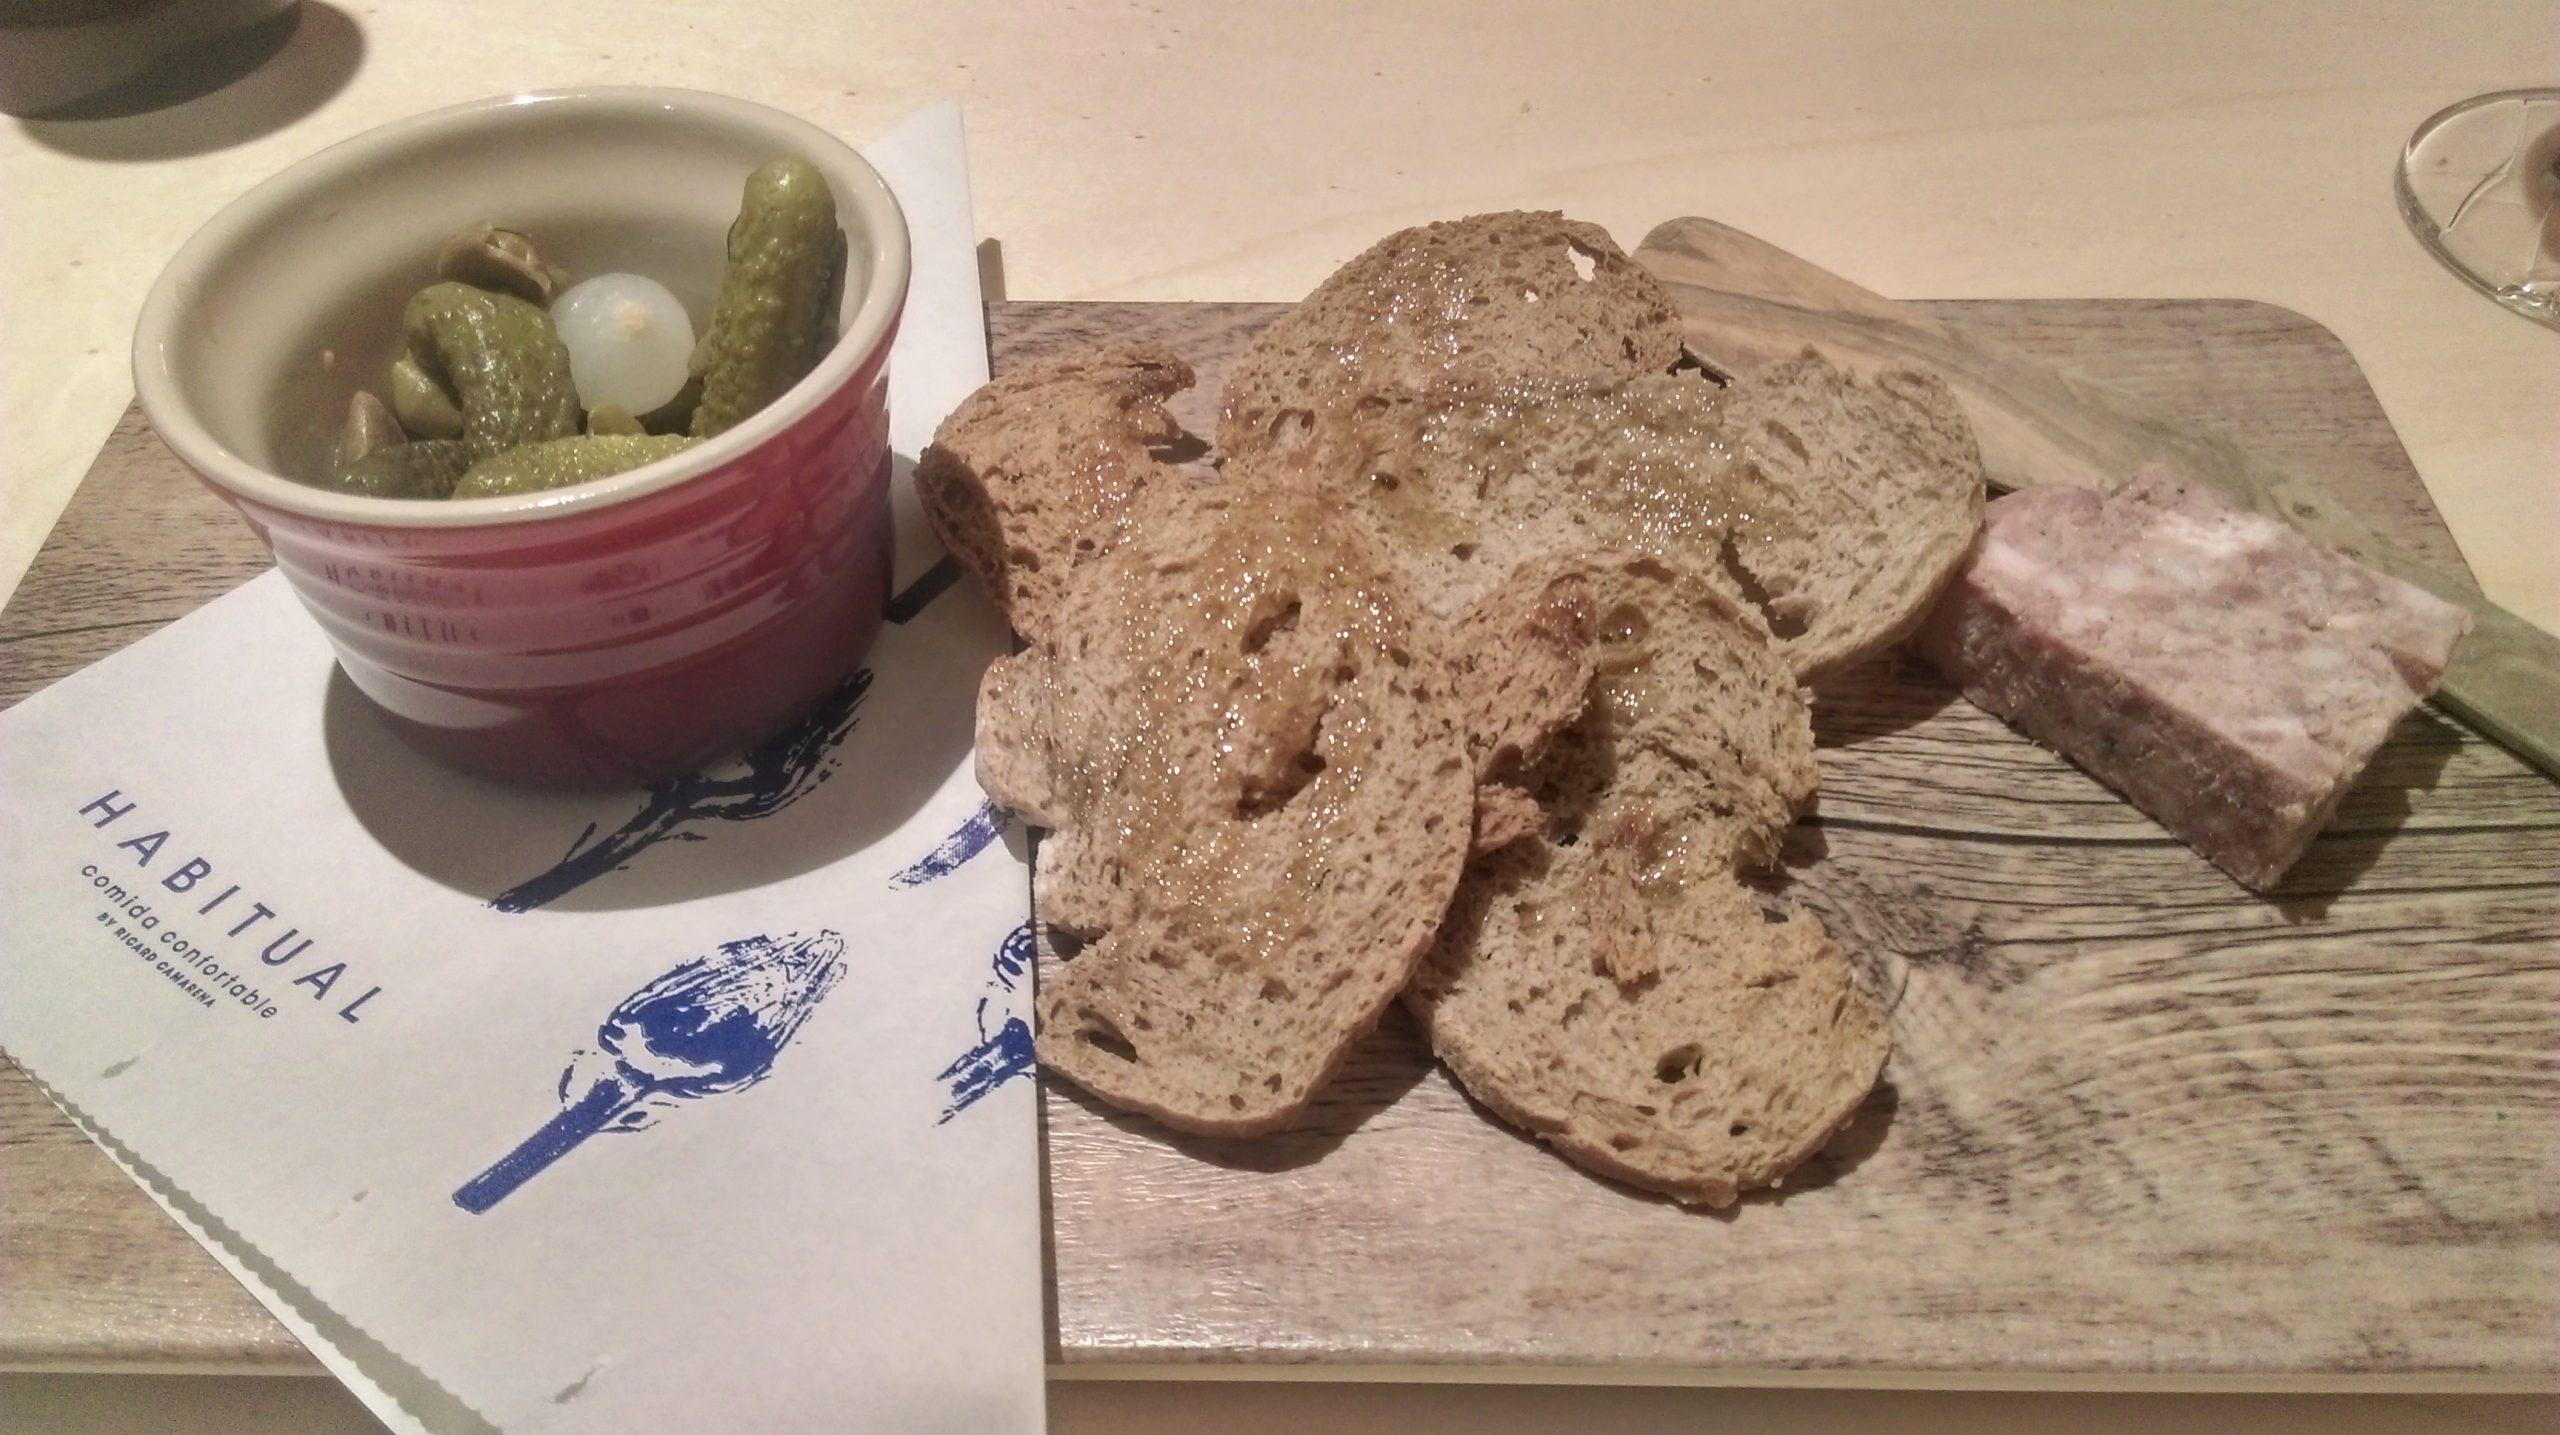 Paté de campaña a la manera tradicional con pan de centeno y encurtidos.